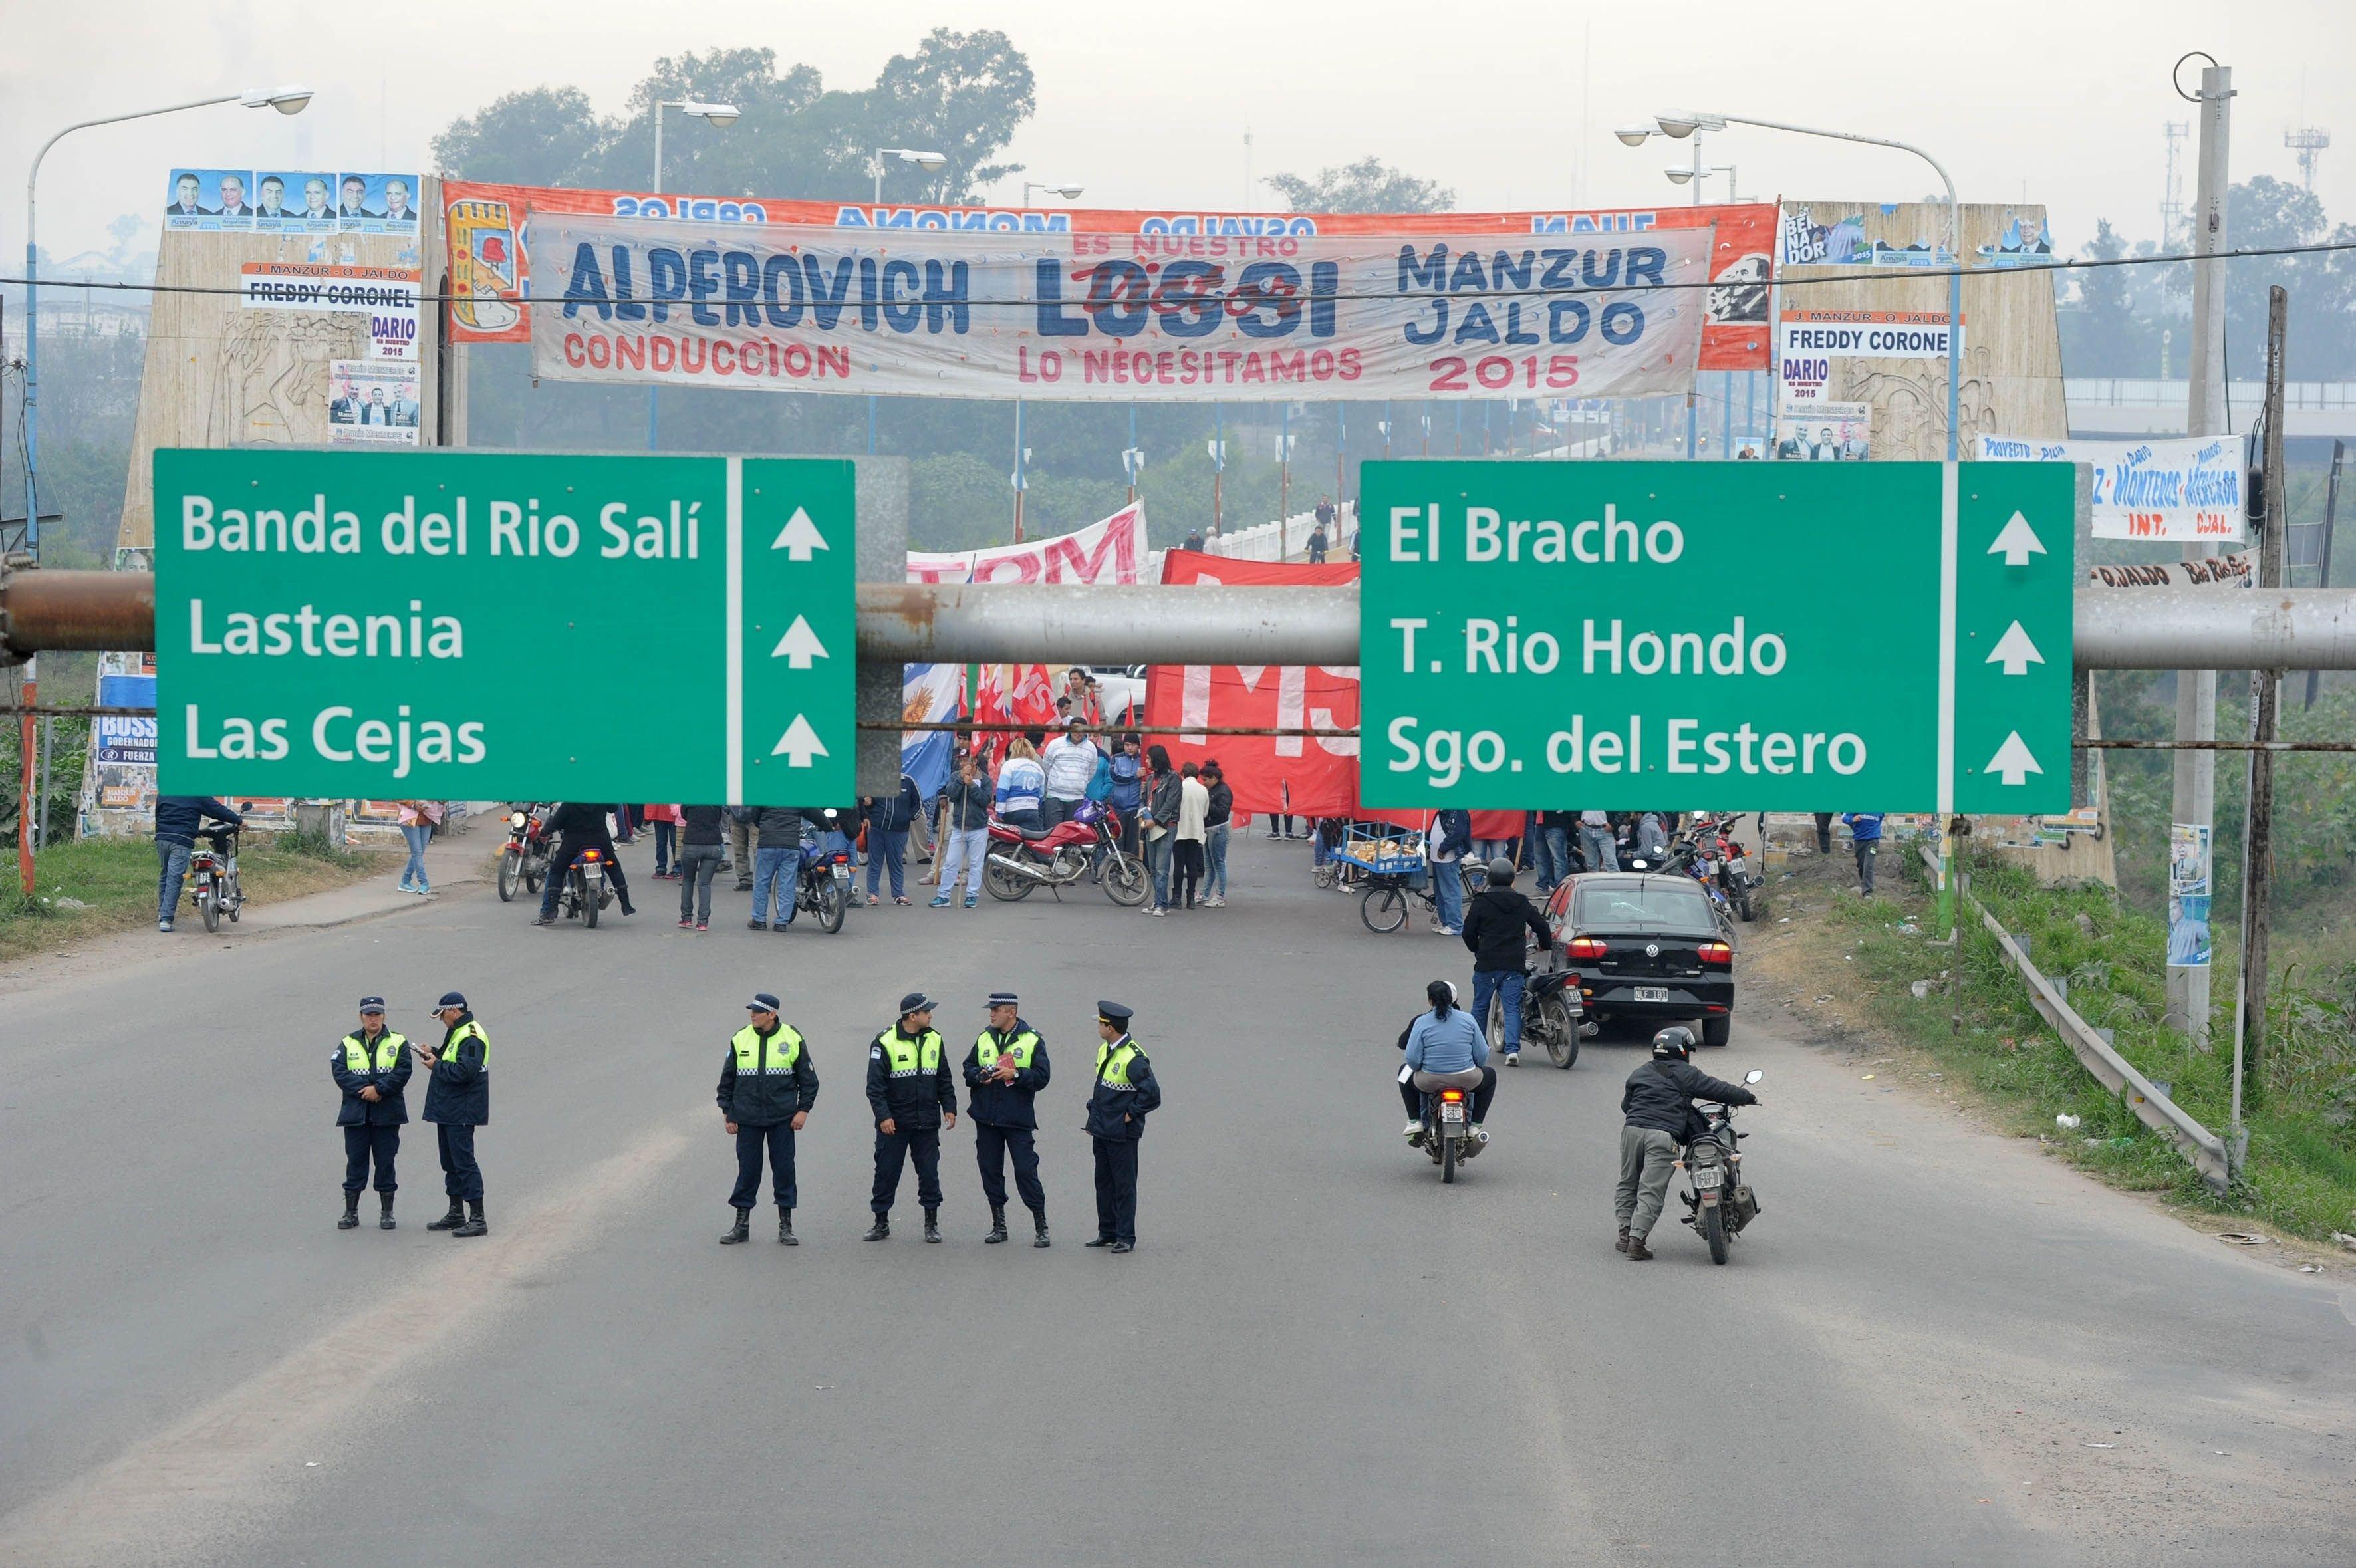 Grupos de izquierda cortaron rutas de acceso en las principales ciudades del país.